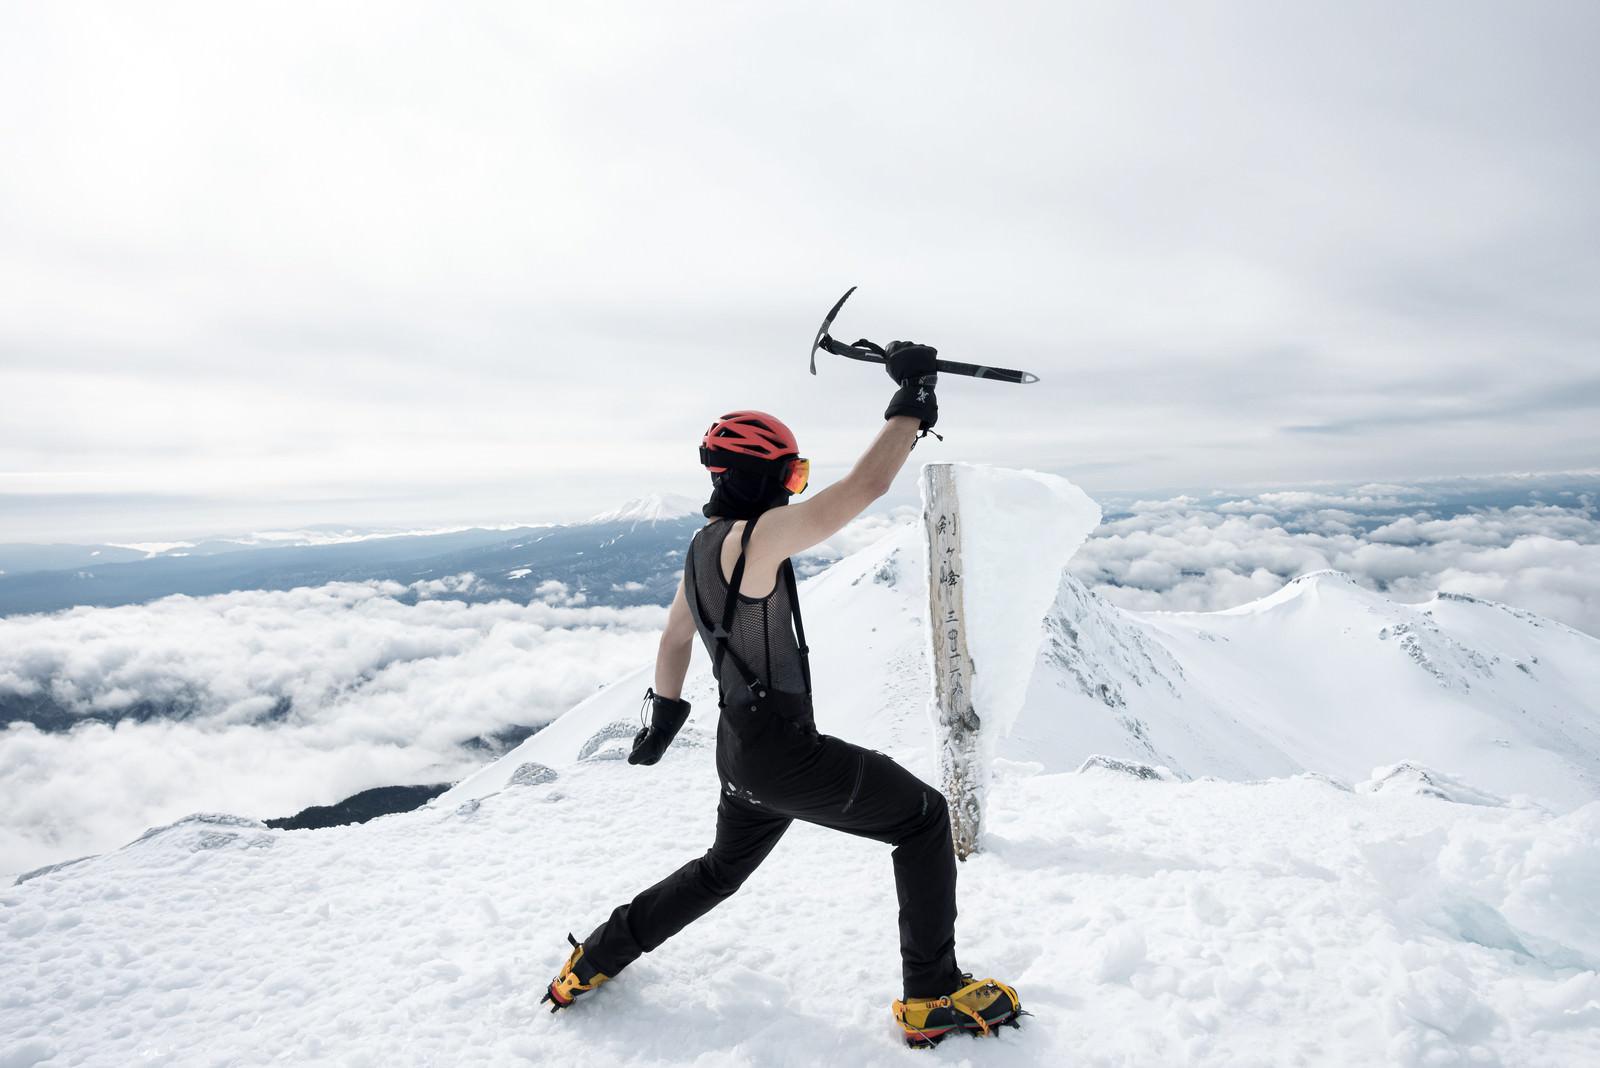 「厳冬期の乗鞍岳登頂に歓喜する登山者」の写真